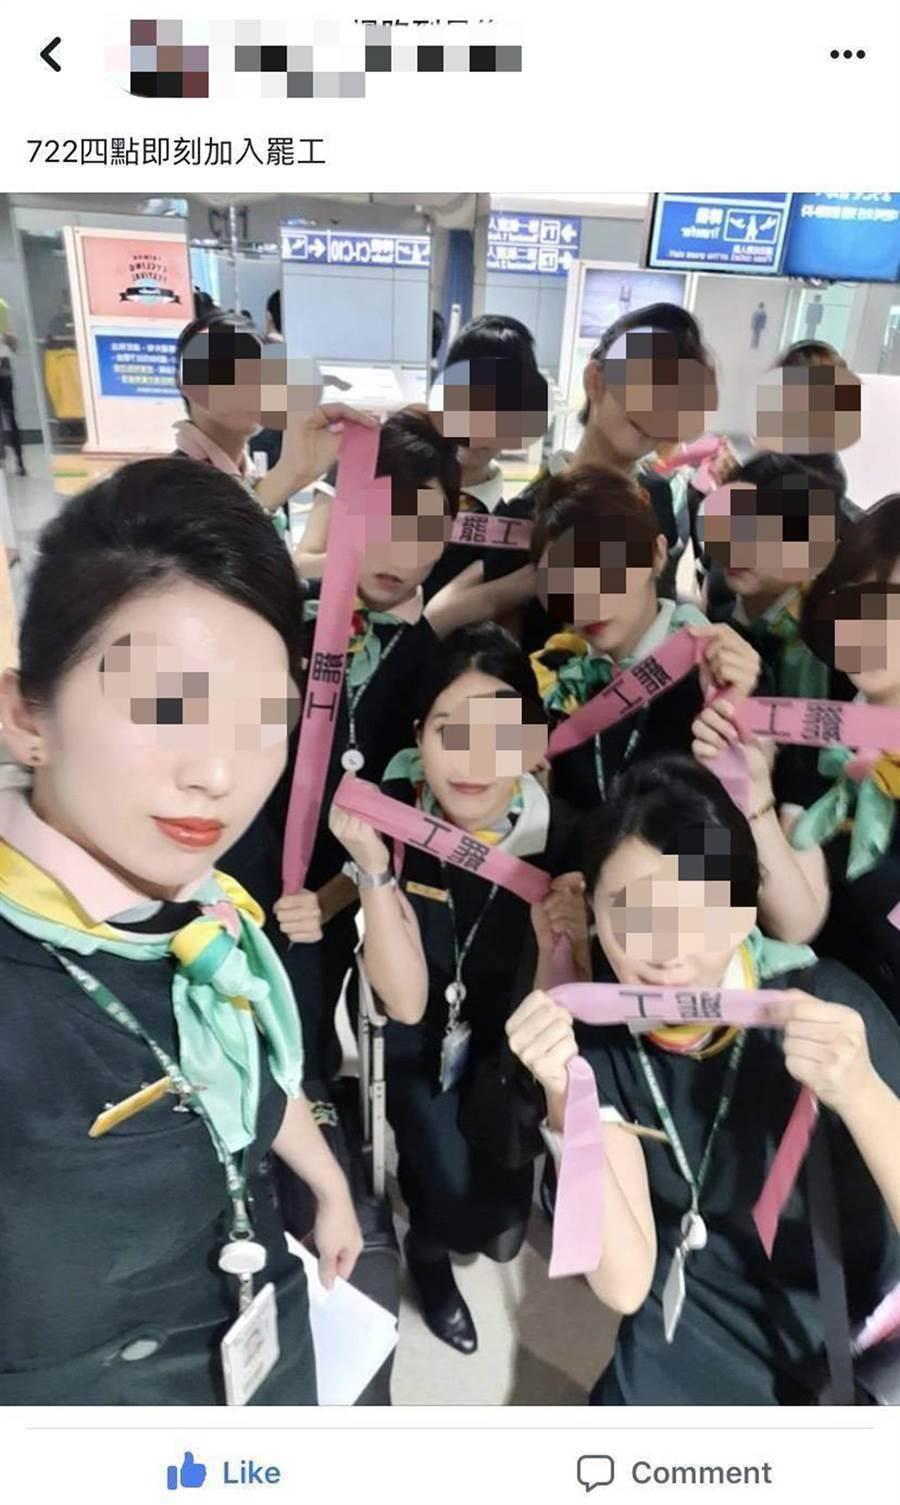 當日BR722班機中的12名空服員在下午2時30分已完成報到,卻在登機前罷飛,旅客當場傻眼,空服員還拍照上傳臉書社團。(讀者提供)